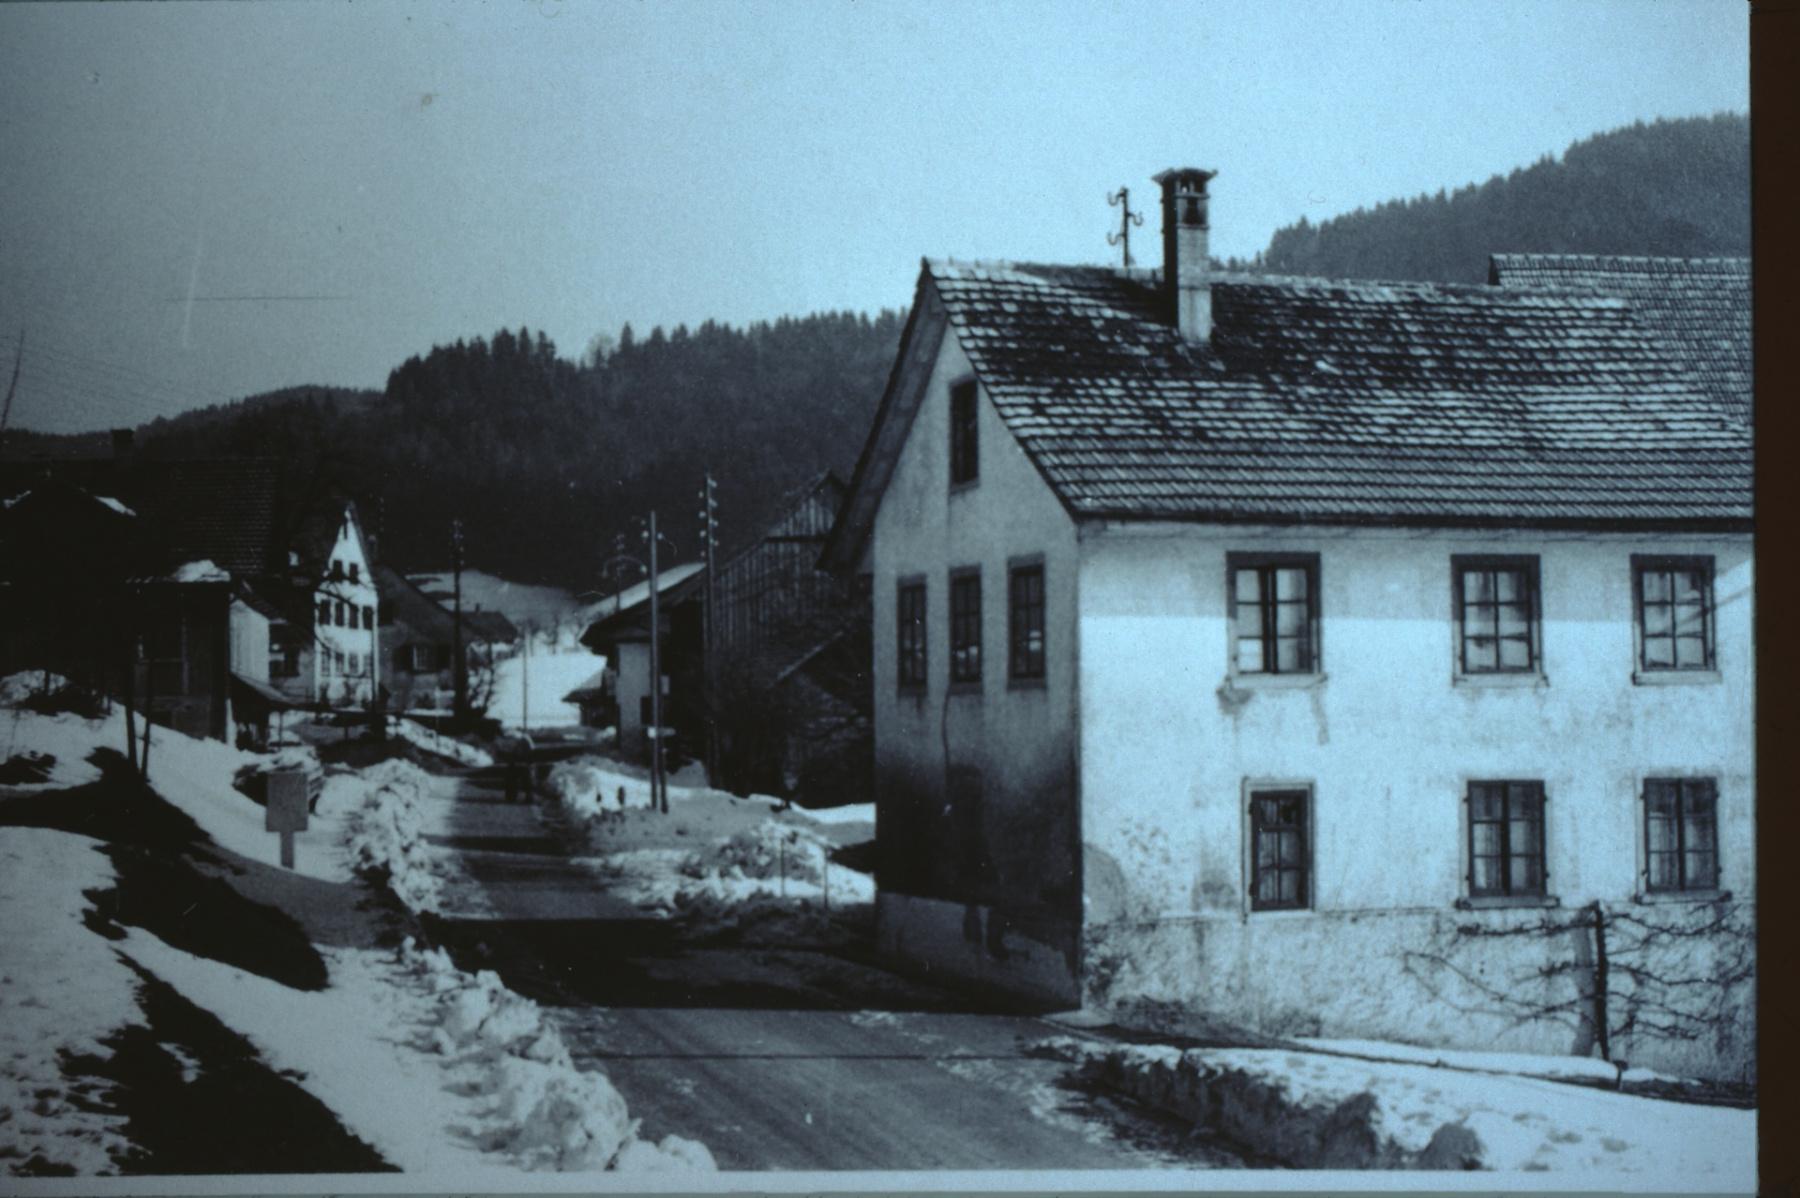 Bettswil im Winter